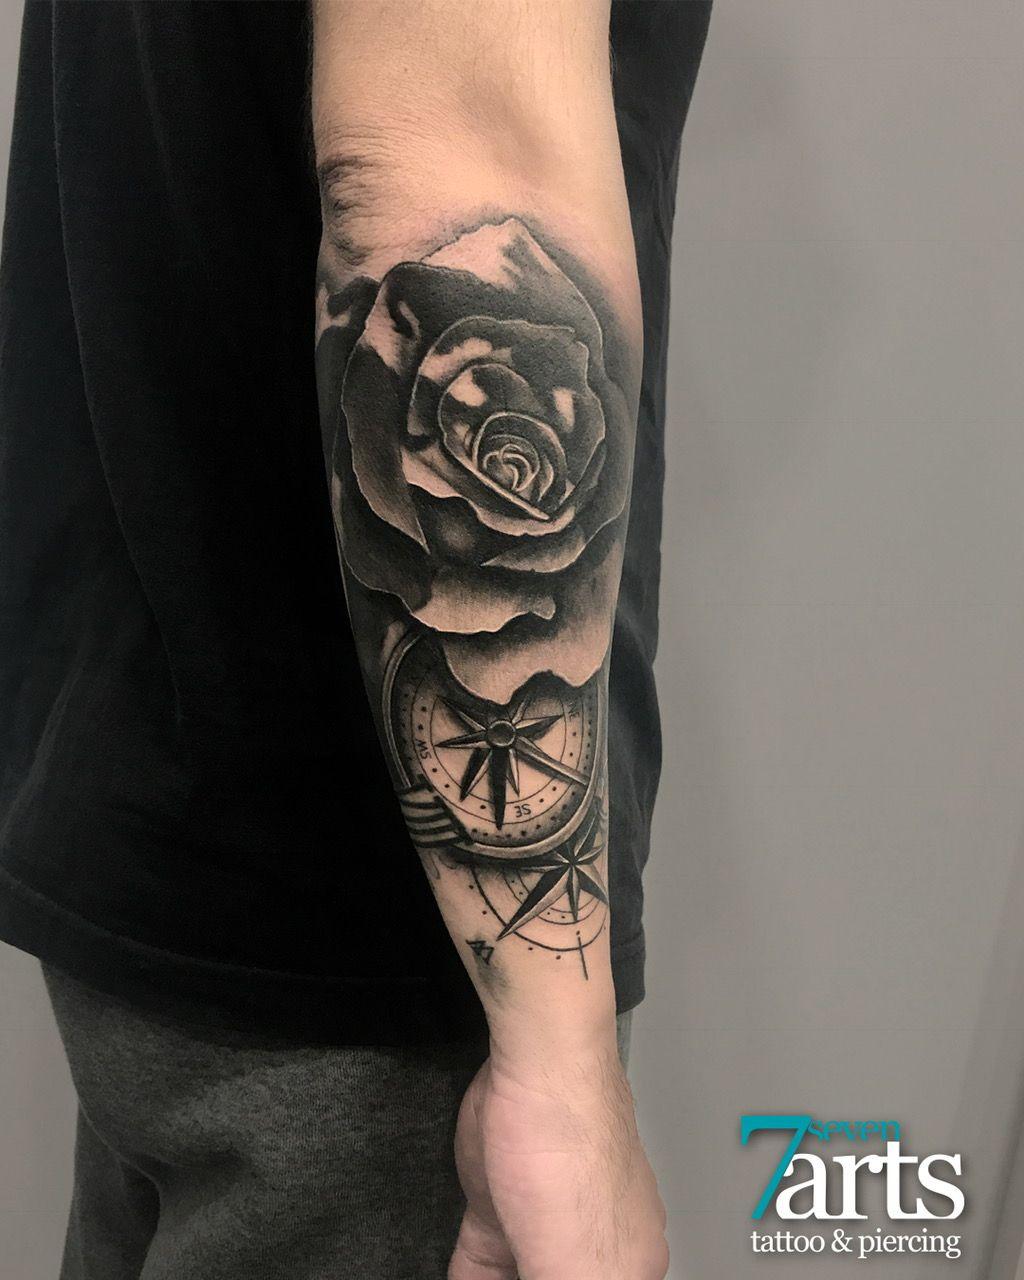 Tatuaje Realista De Rosa Mapa Y Brujula Brujulas Tattoo